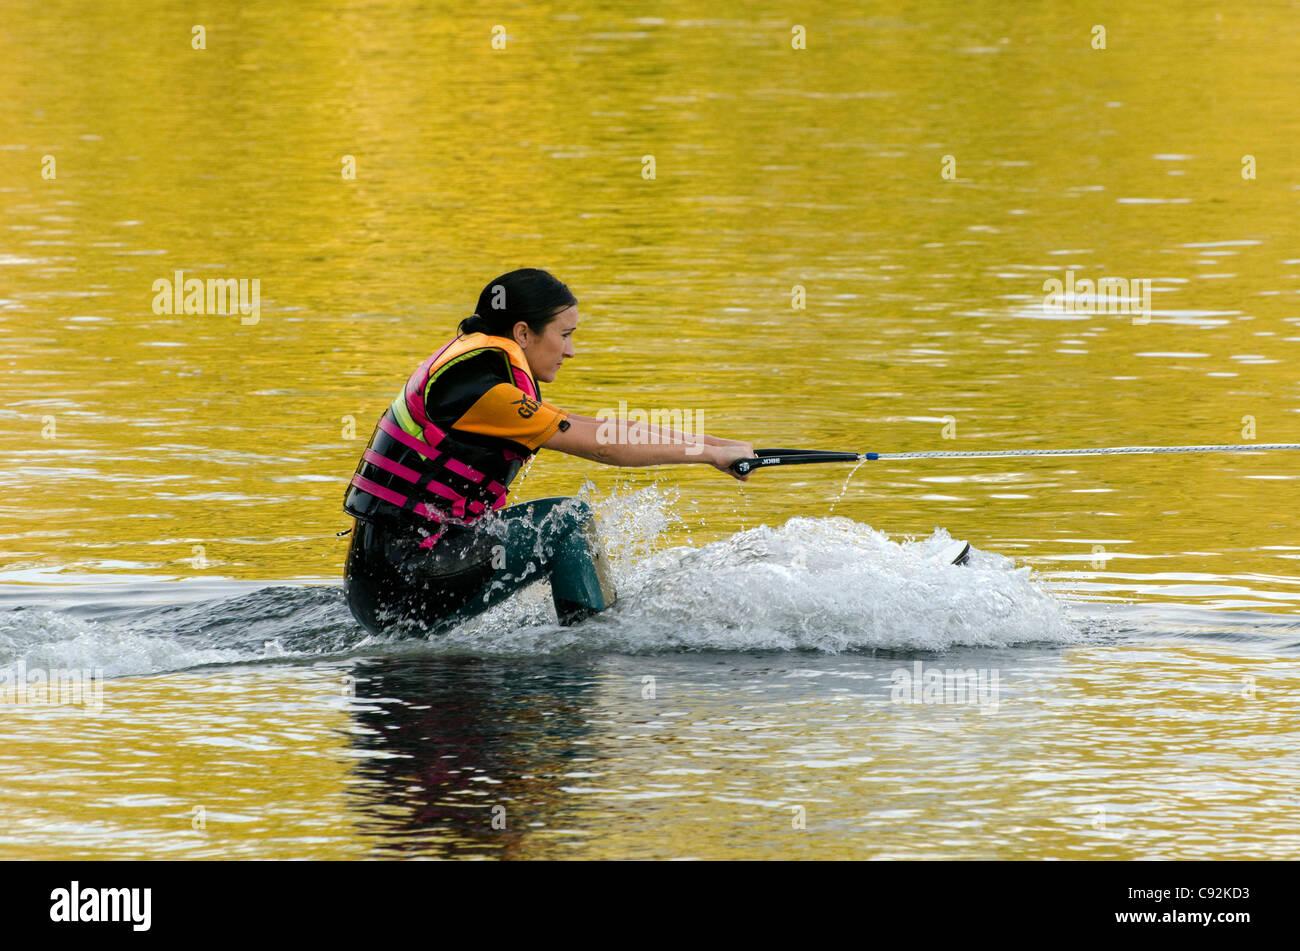 Una femmina di acqua sciatore trainato da una barca accelerando sul lago Batchworth Rickmansworth Aquadrome Herts Immagini Stock